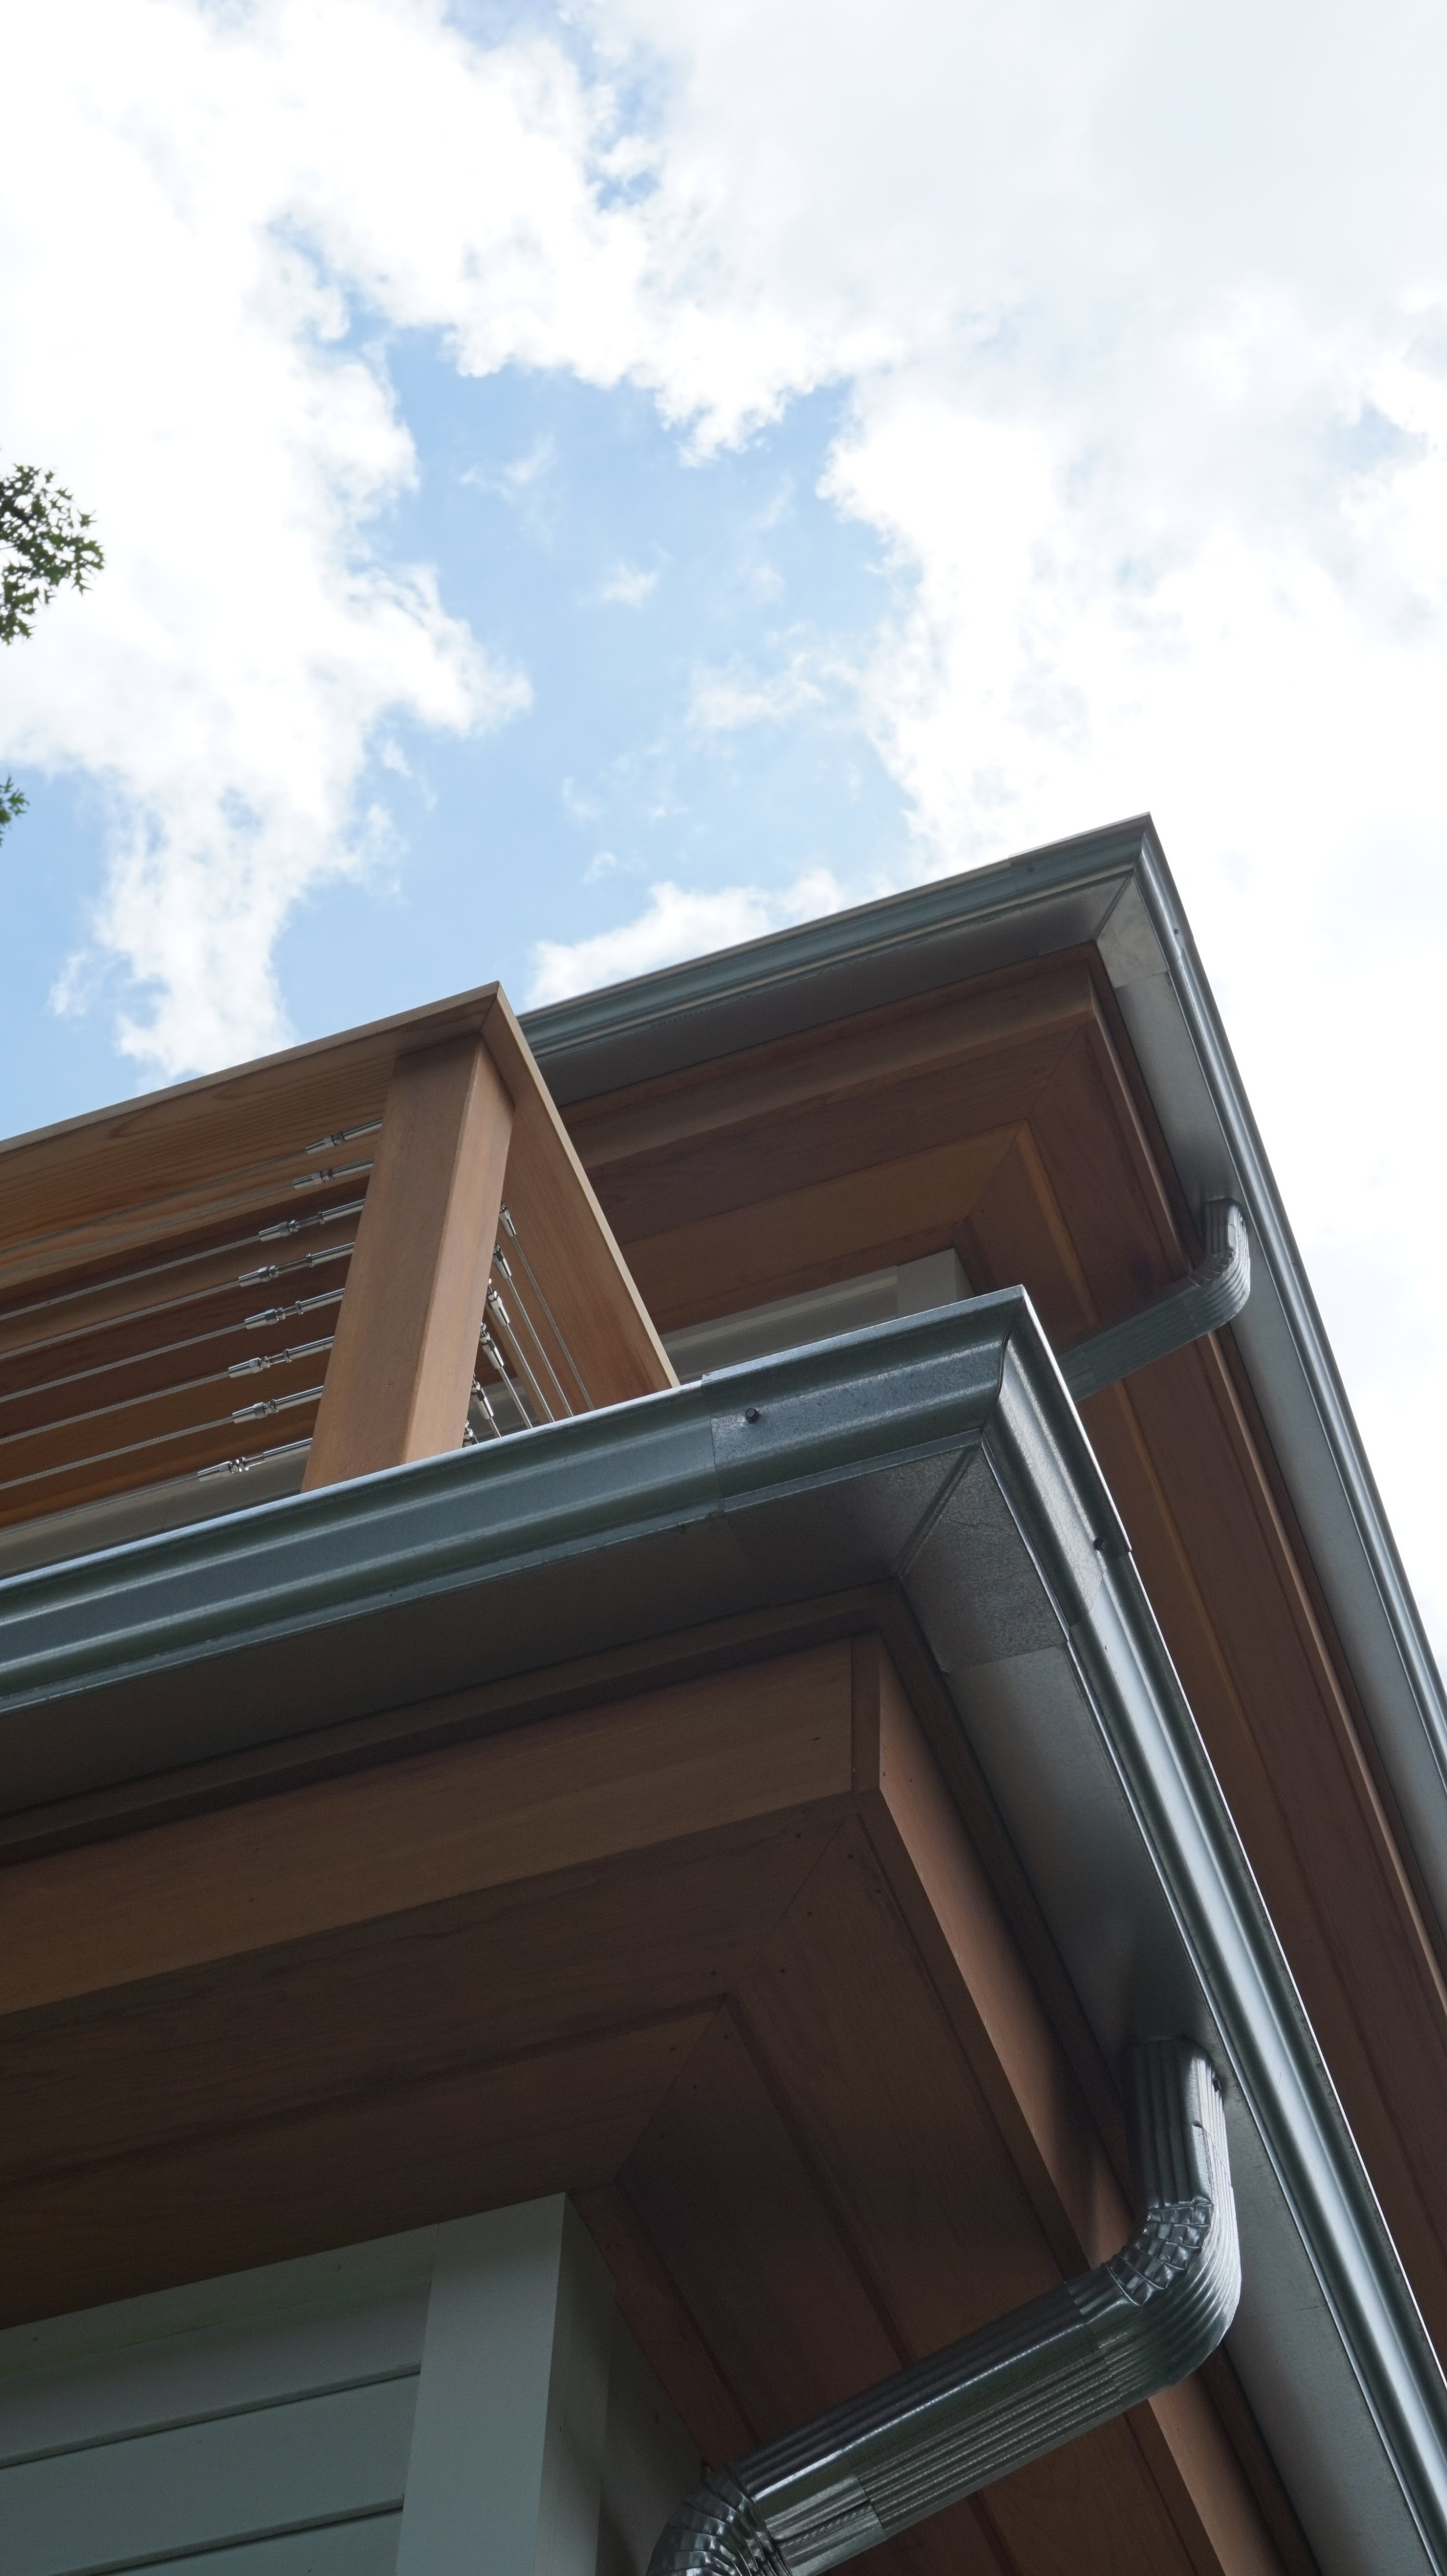 New Home Design Build Koala Residential -Galvanized Gutters